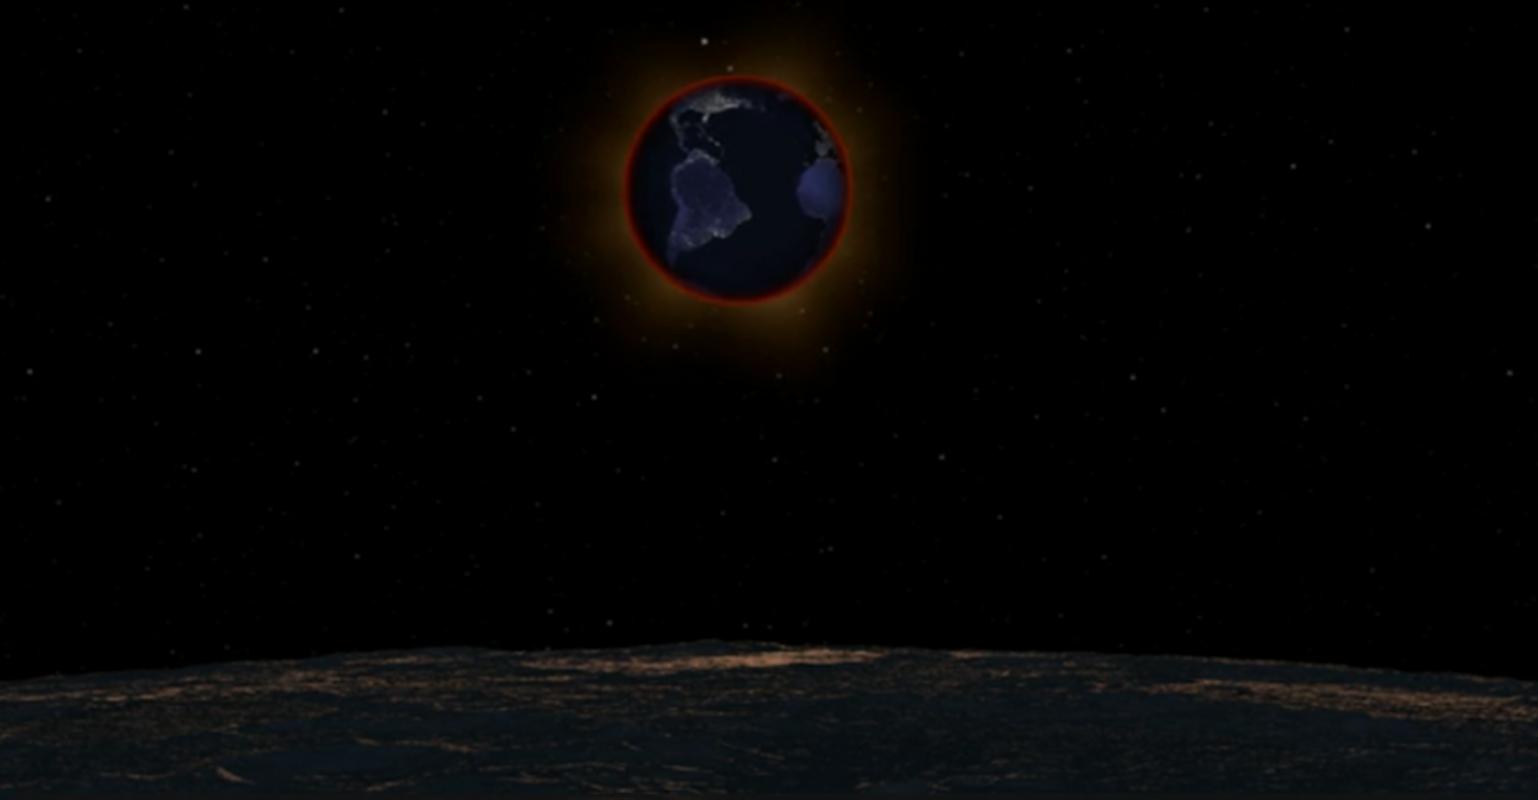 Tak może wyglądać Ziemia widziana z satelity naszej planety podczas całkowitego zaćmienia Księżyca